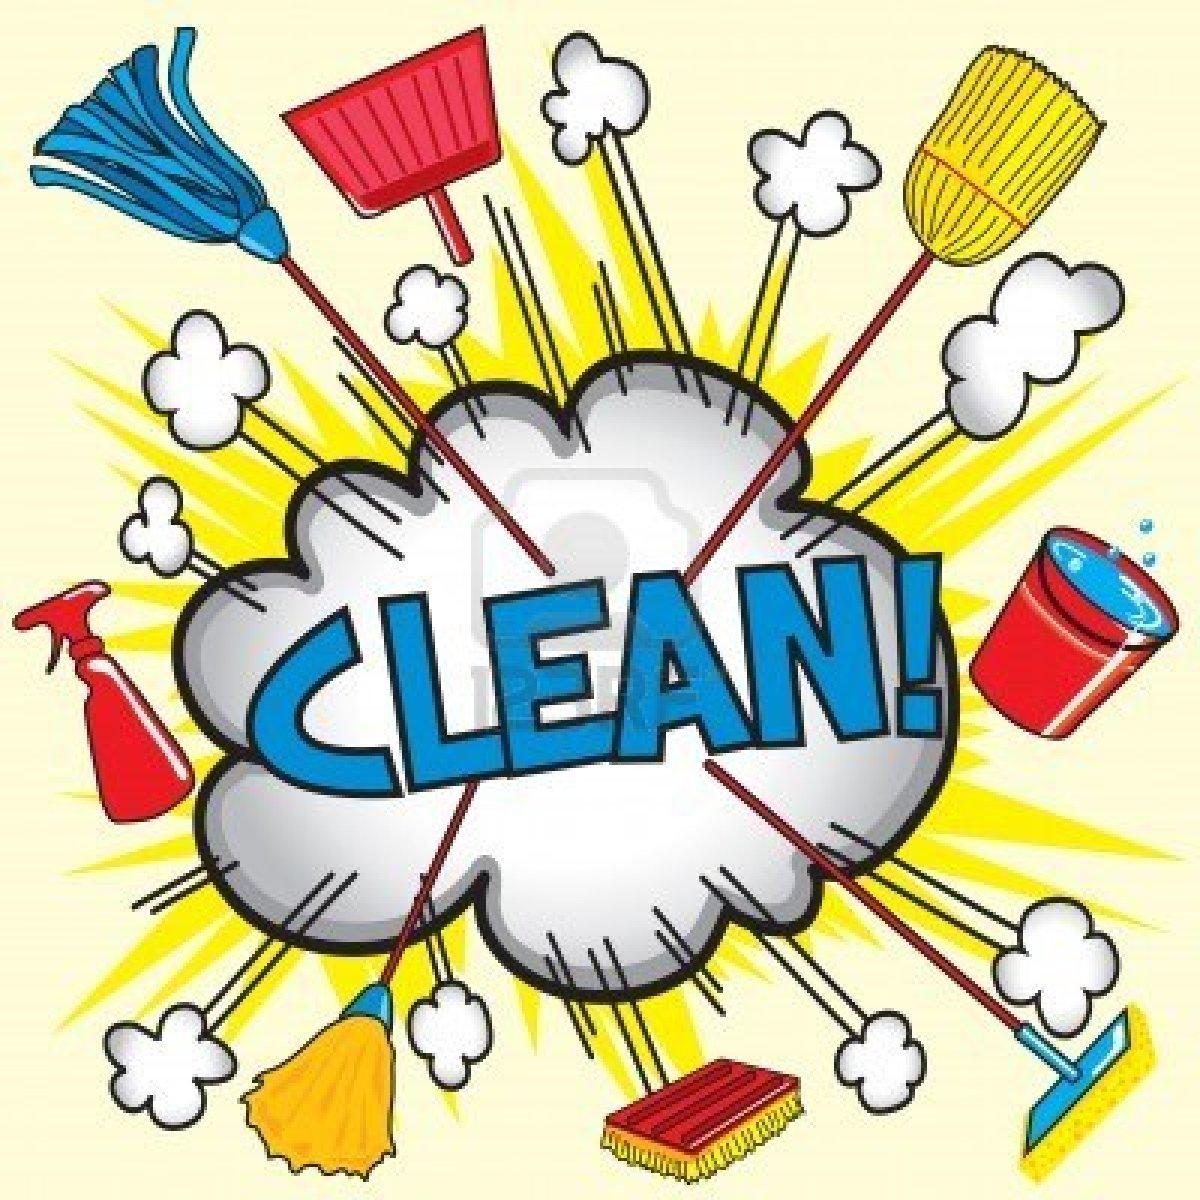 Pulizie di pasqua consigli pulizie di casa per pasqua - Pulizie di casa consigli ...